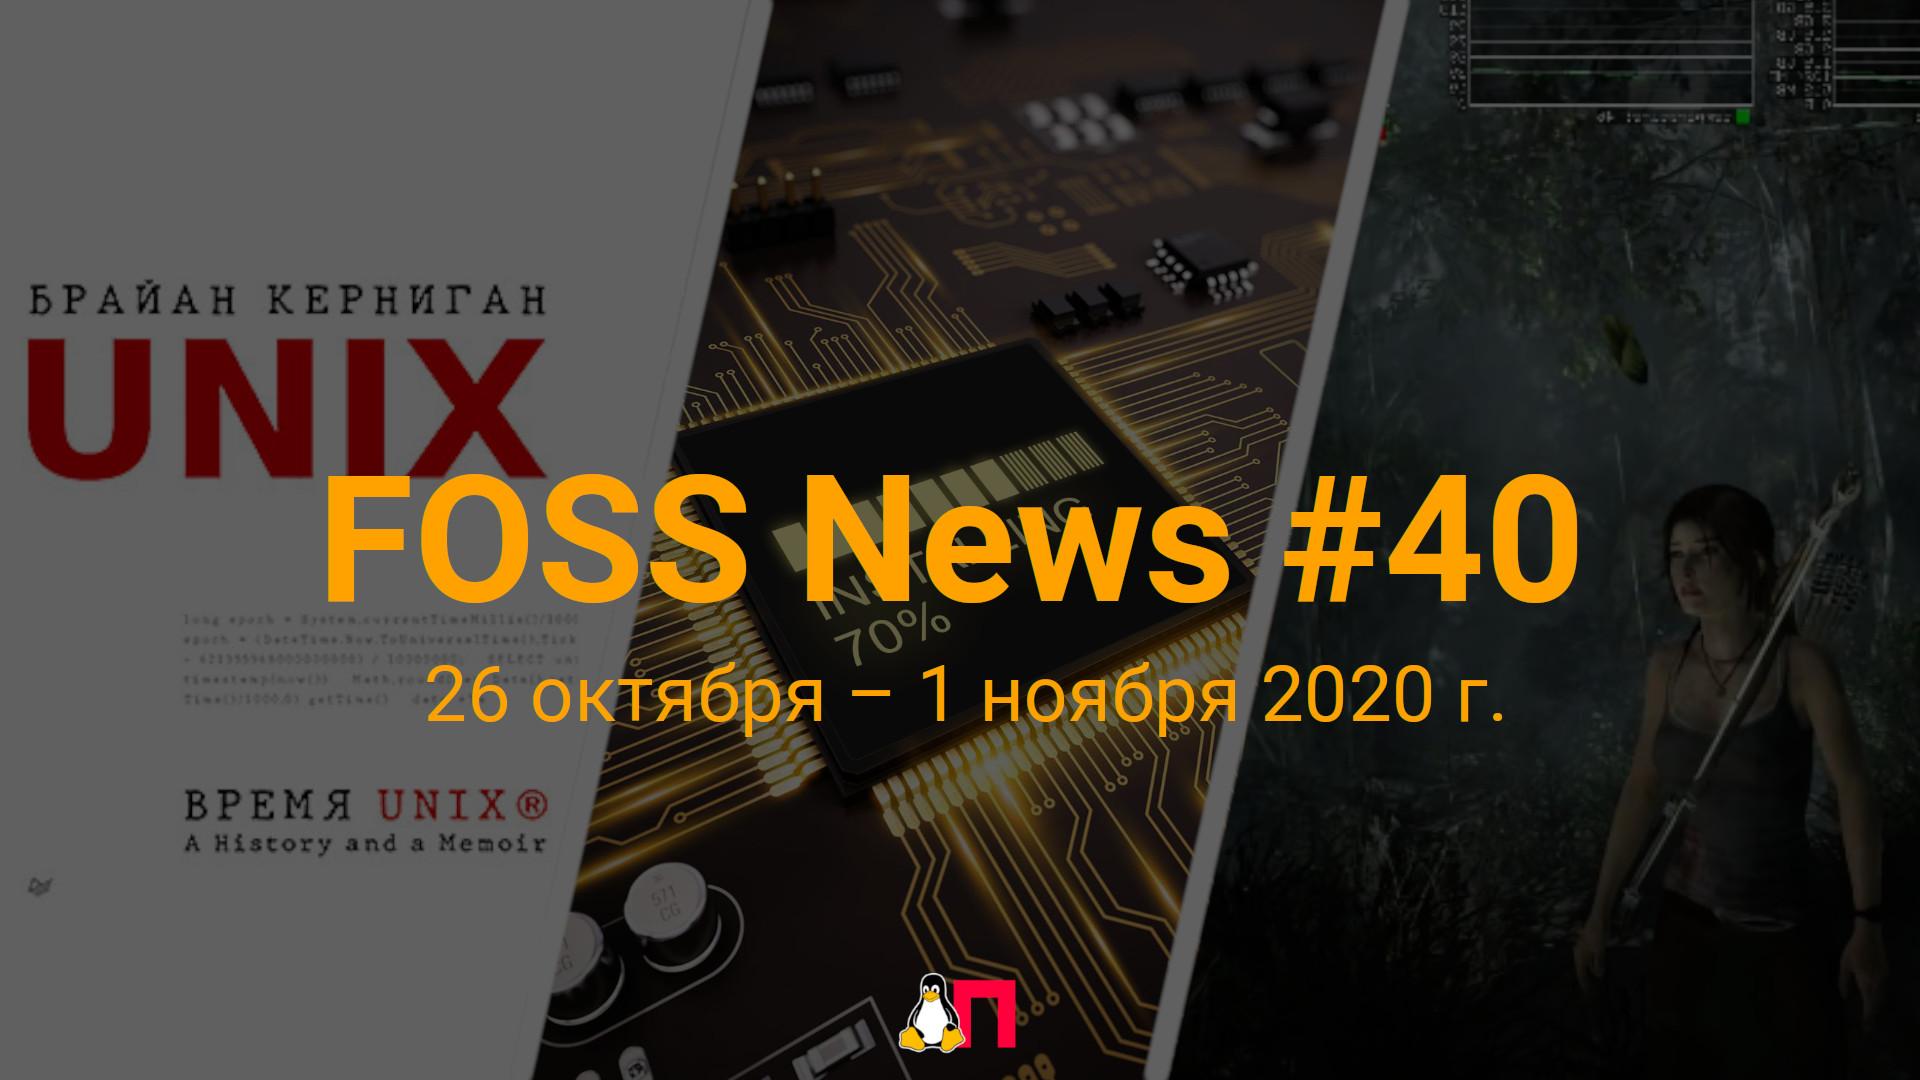 FOSS News 40  дайджест новостей и других материалов о свободном и открытом ПО за 26 октября  1 ноября 2020 года